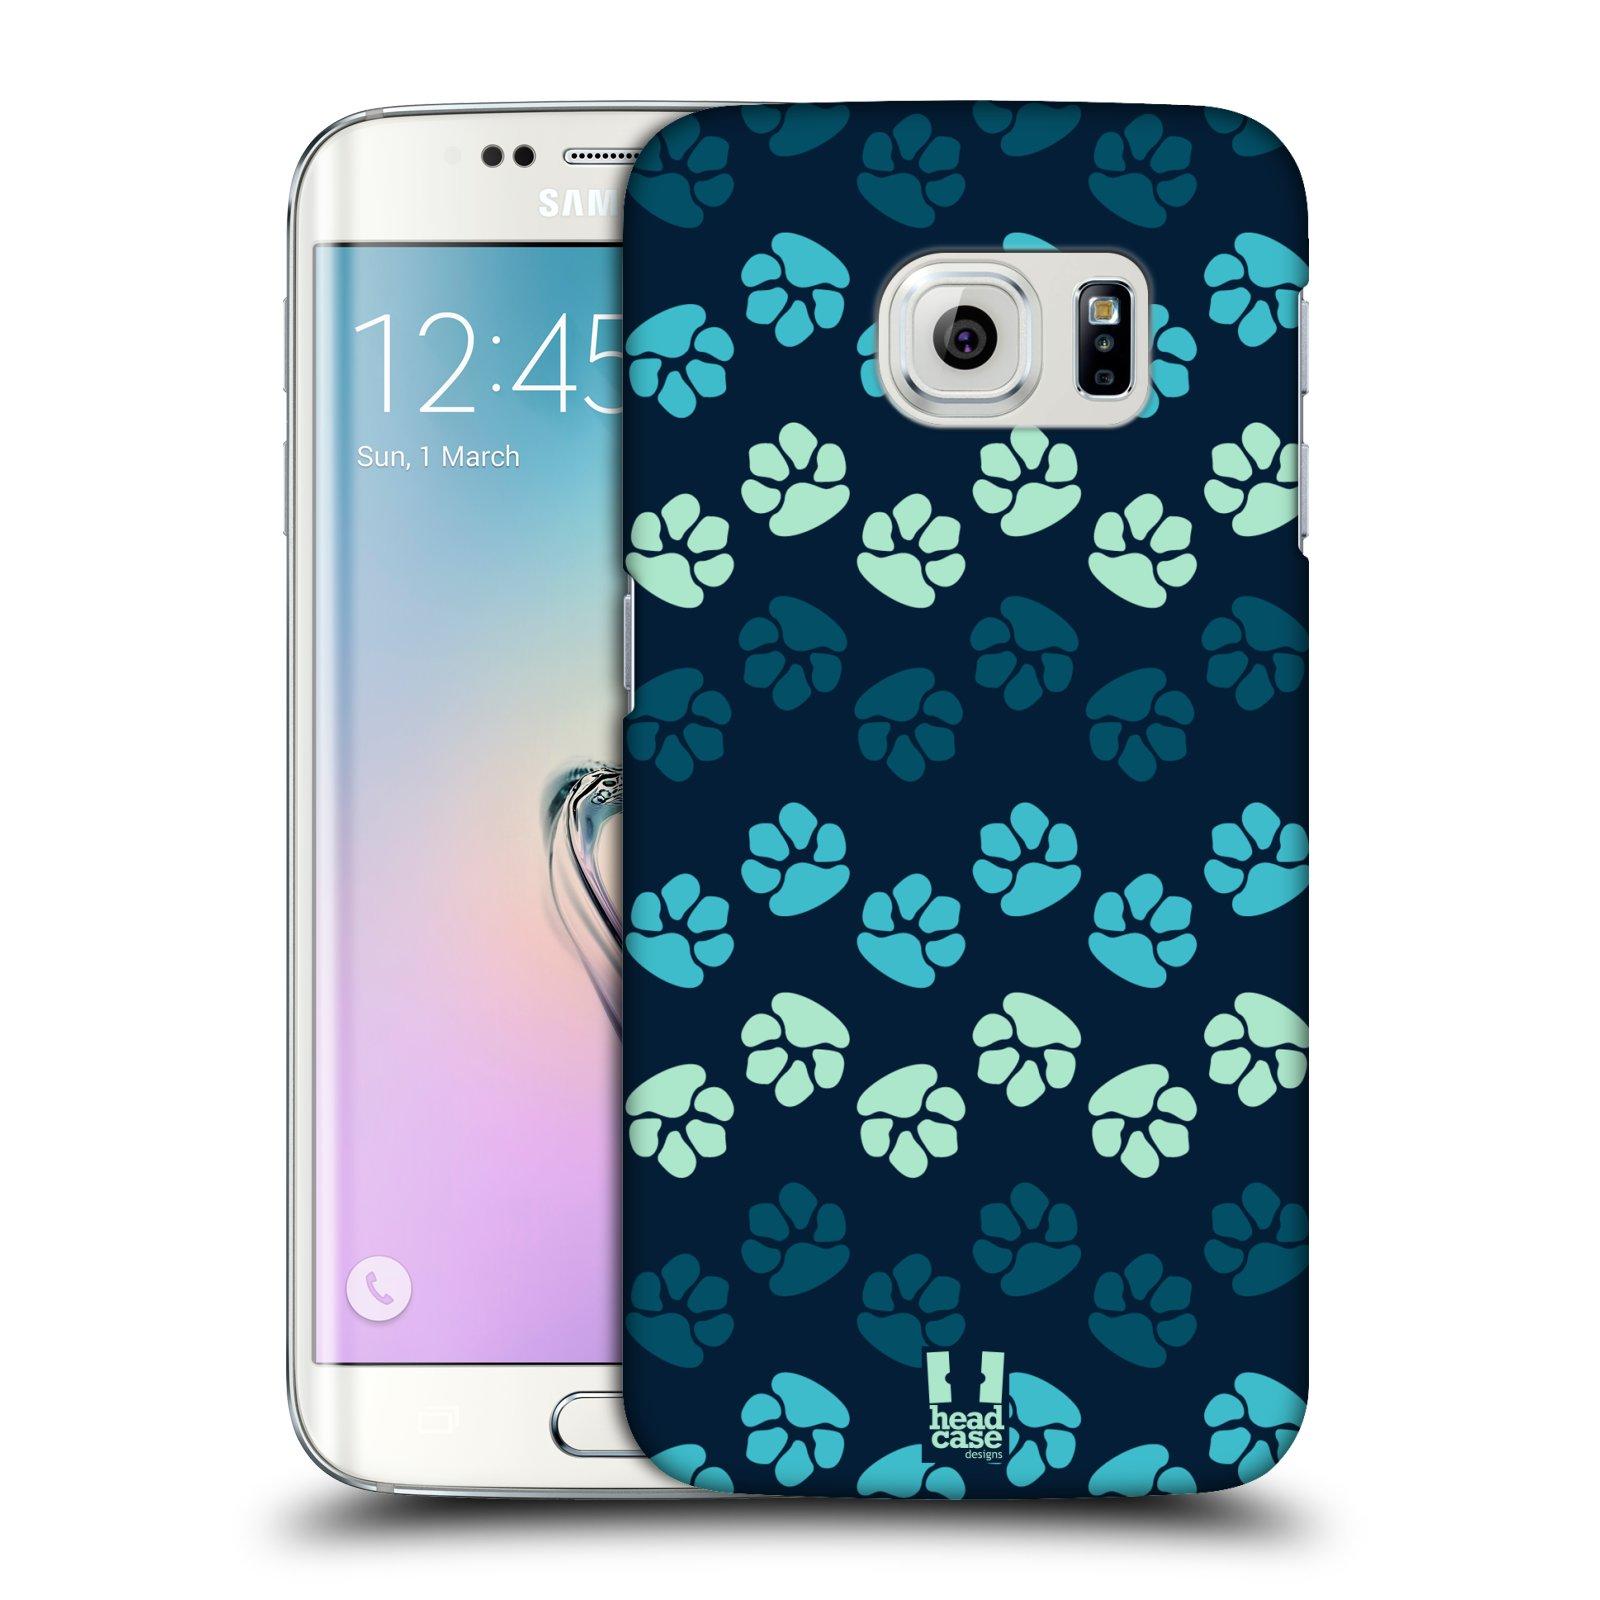 Plastové pouzdro na mobil Samsung Galaxy S6 Edge HEAD CASE TLAPKY MODRÉ (Kryt či obal na mobilní telefon Samsung Galaxy S6 Edge SM-G925F)